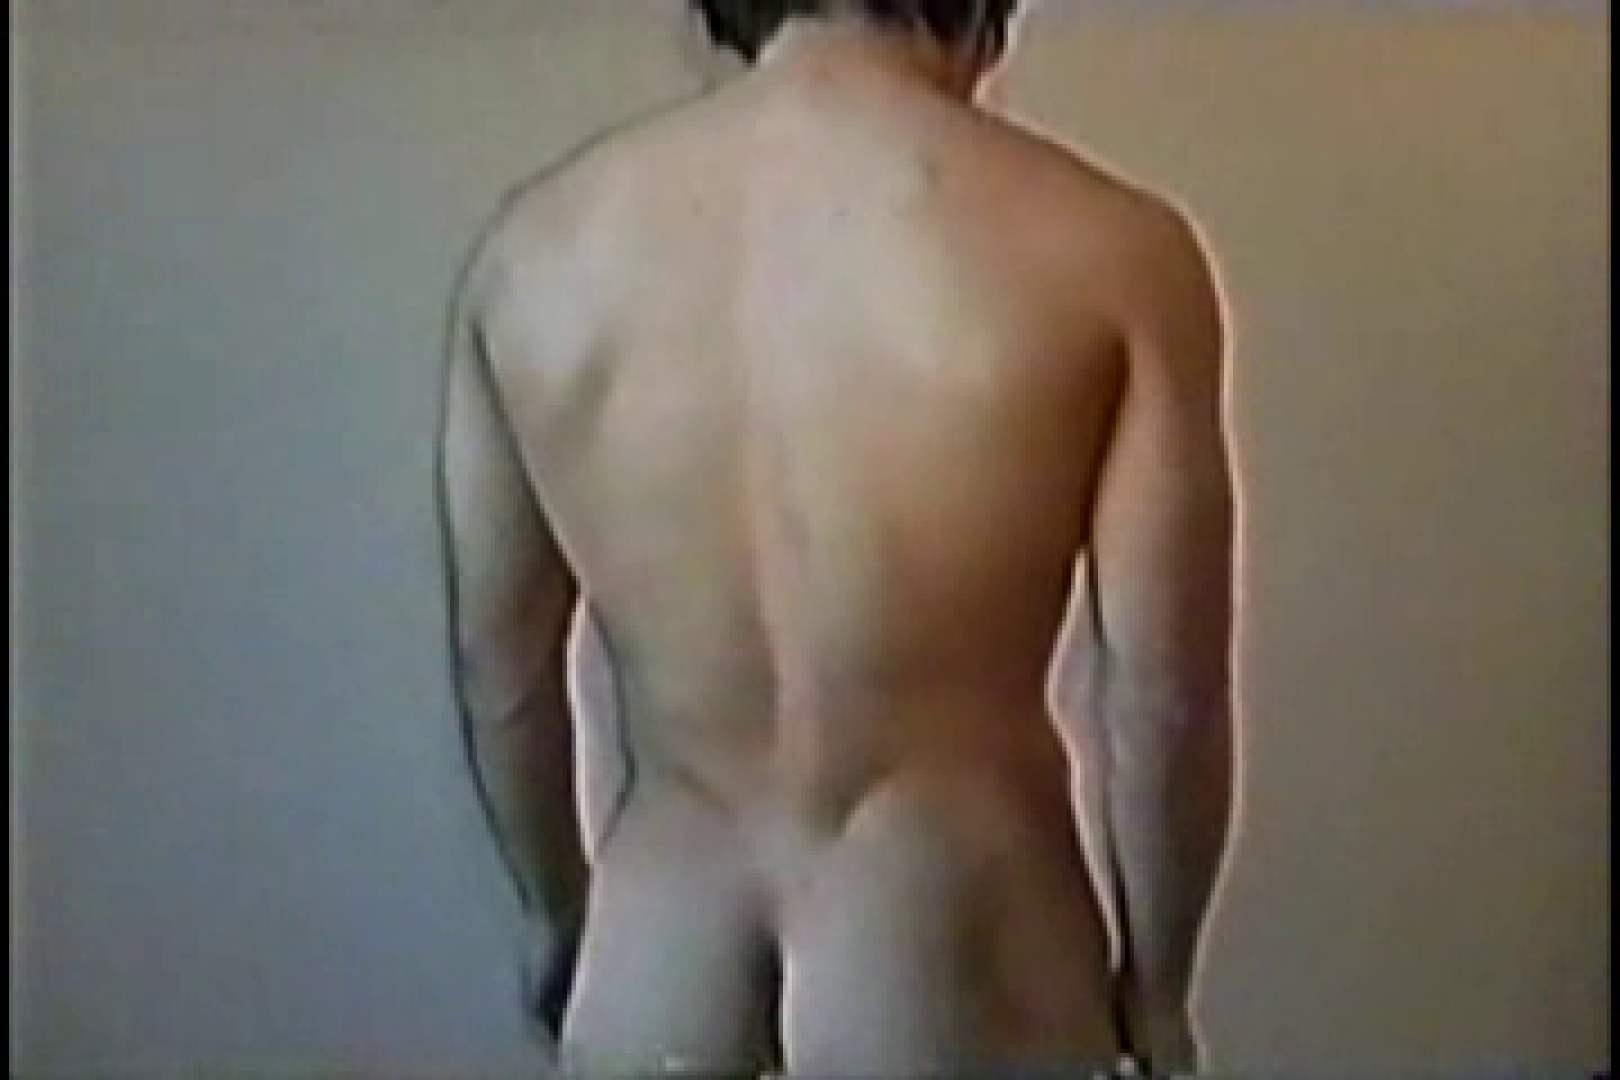 『ノンケ・スポーツマンシップとは・・・! ! 』 第6戦 スポーツマン ゲイモロ見え画像 95枚 41